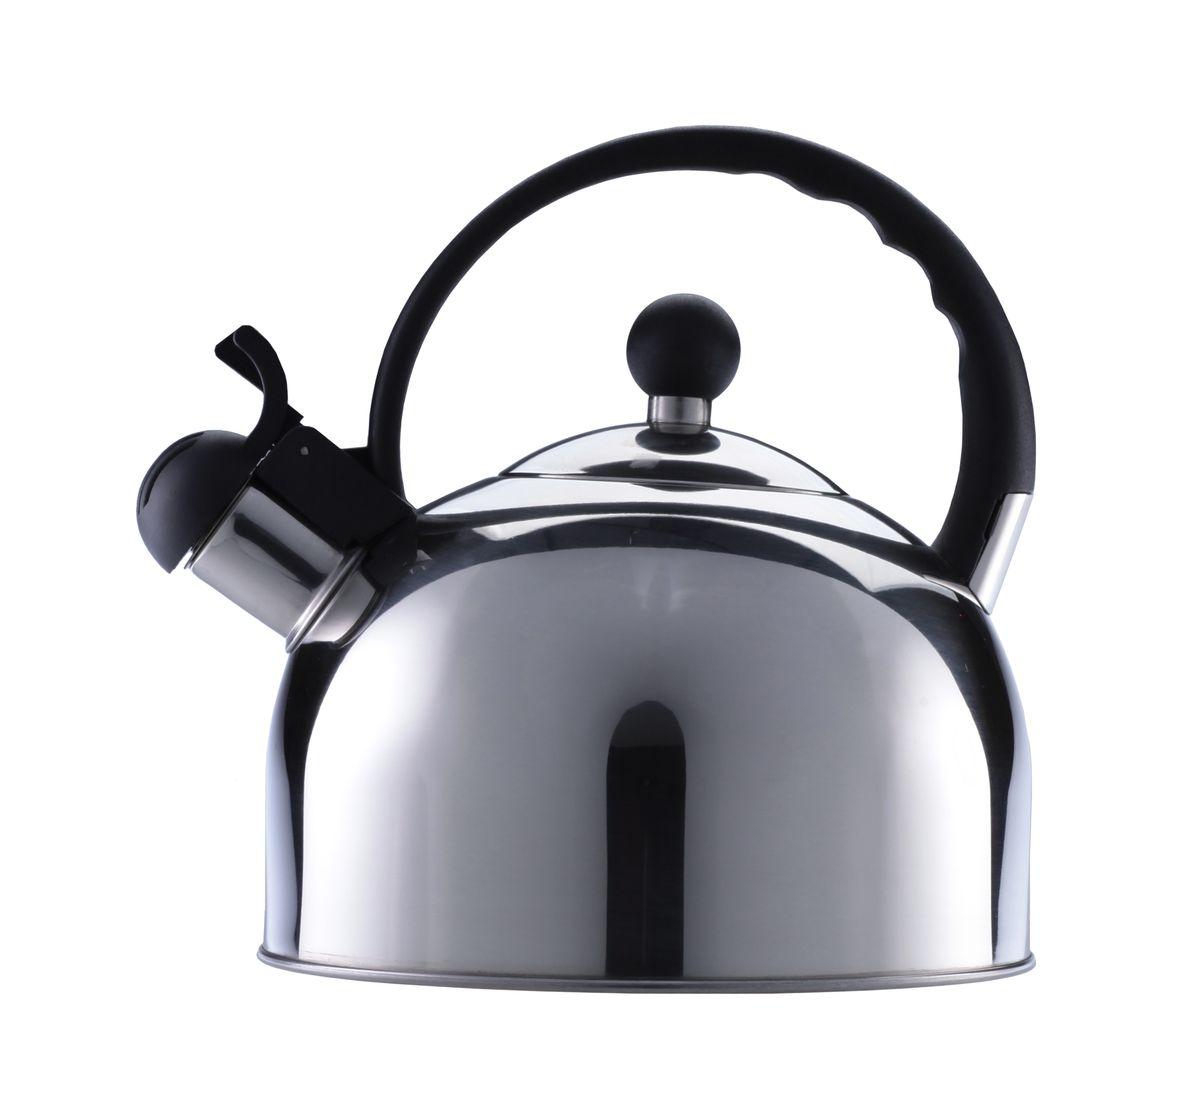 Чайник Walmer, 2,5 лVT-1520(SR)Никто не расскажет об истинно британском качестве лучше, чем Walmer! Практичный чайник, изготовленный из нержавеющей стали, снабженный термоизолированной ручкой из бакелита и свистком, станет вашим верным помощником – сообщит о закипании и позволит безопасно налить кипяток. Вскипятить 2,5 литра воды буквально за несколько минут? С чайником от Walmer это возможно! Он оборудован трехслойным дном: использование в нем алюминиевого слоя позволяет максимально быстро нагревать весь объем содержимого. Чайник выполнен в элегантном, минималистичном стиле – холодный блеск нержавеющей стали отлично гармонирует с любой цветовой палитрой посуды на современной кухне. Свисток чайника одновременно выполняет и защитную функцию, закрывая носик и блокируя путь брызгам воды при закипании – оборудованный предохранительной накладкой из бакелита, он никогда не станет причиной ожога. Представленный чайник от Walmer подходит для любых типов плит, включая индукционные. Его легко мыть, он не требует особенных усилий в уходе и, благодаря вытянутому по вертикали корпусу, экономит свободное место на плите или кухонной столешнице.